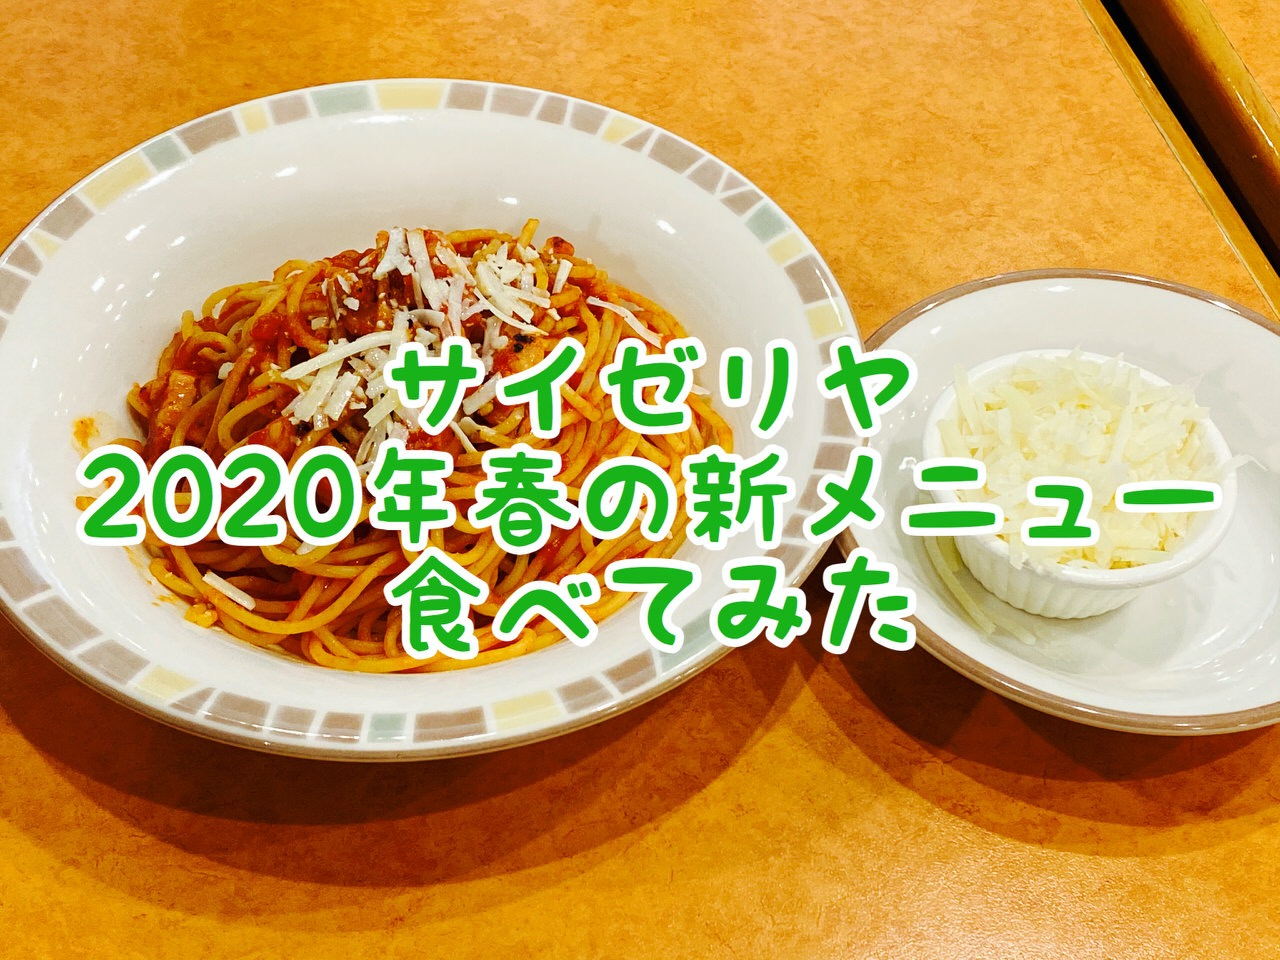 【サイゼリヤ】2020年春メニュー「パルマ風スパゲッティ」「やみつきアンチョビのフリコ」食べてみた → 確かにやみつきになる!